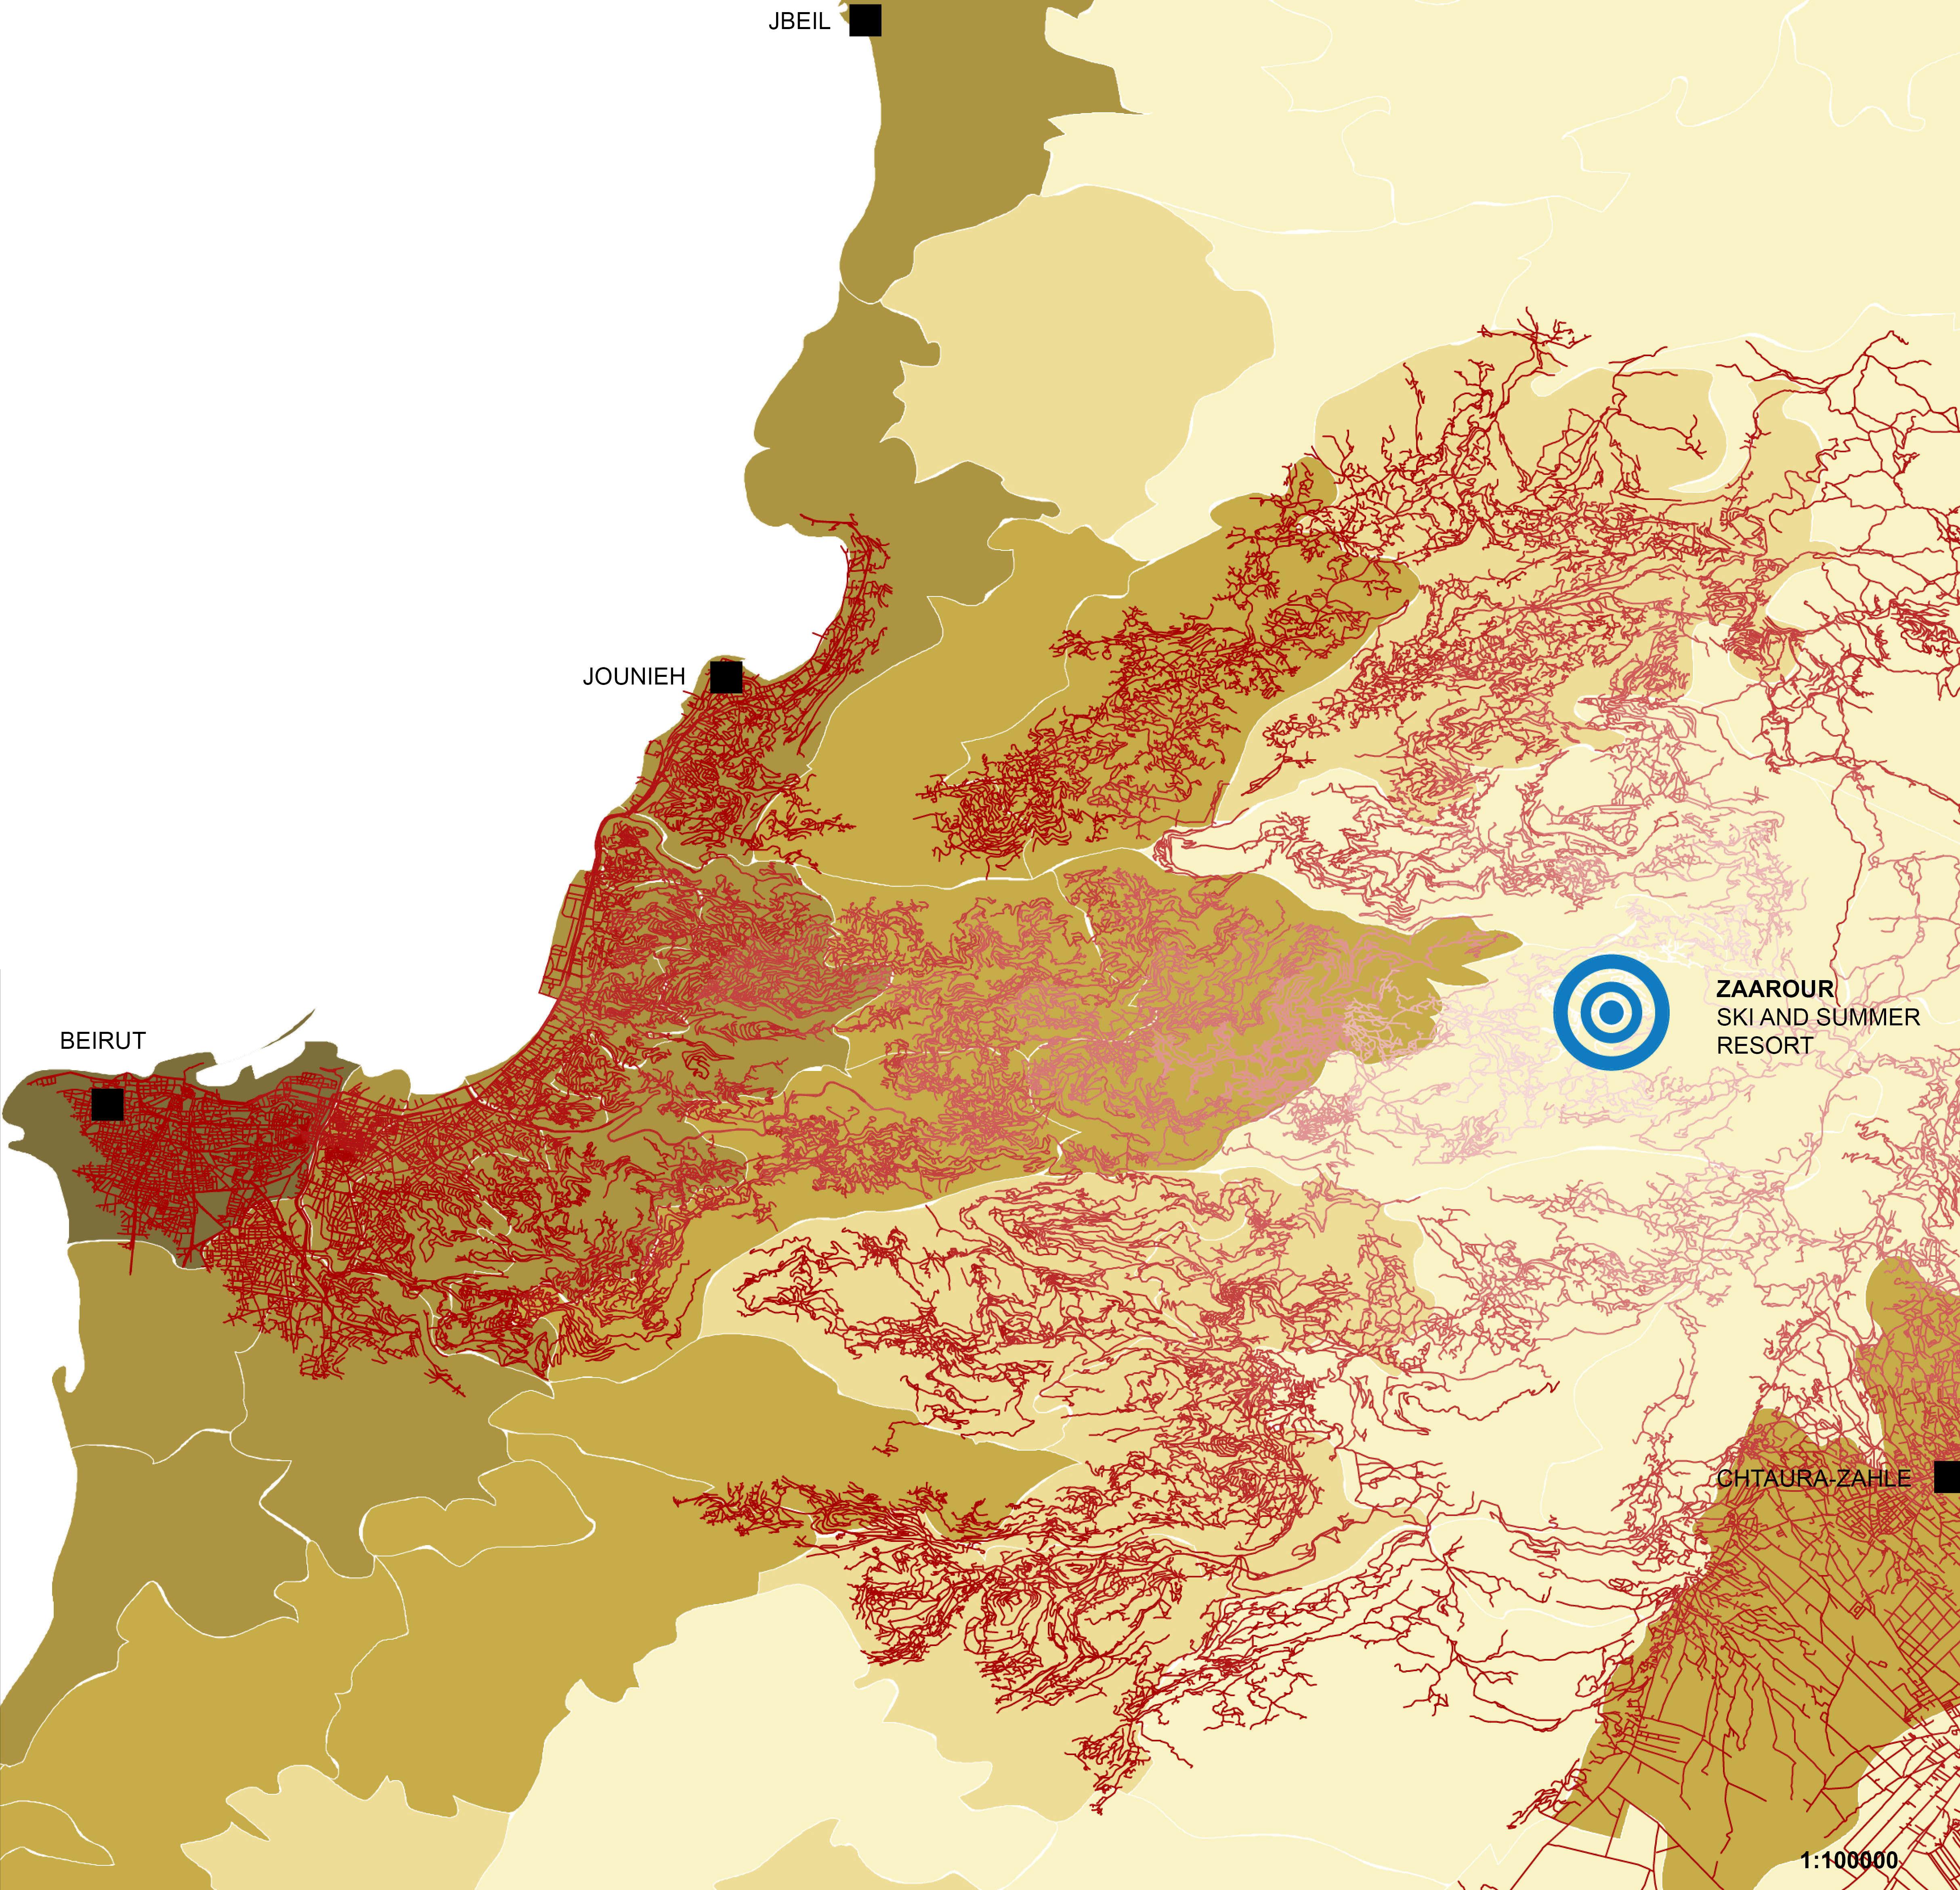 Systematica-Zaarour Resort-Isochrone Map